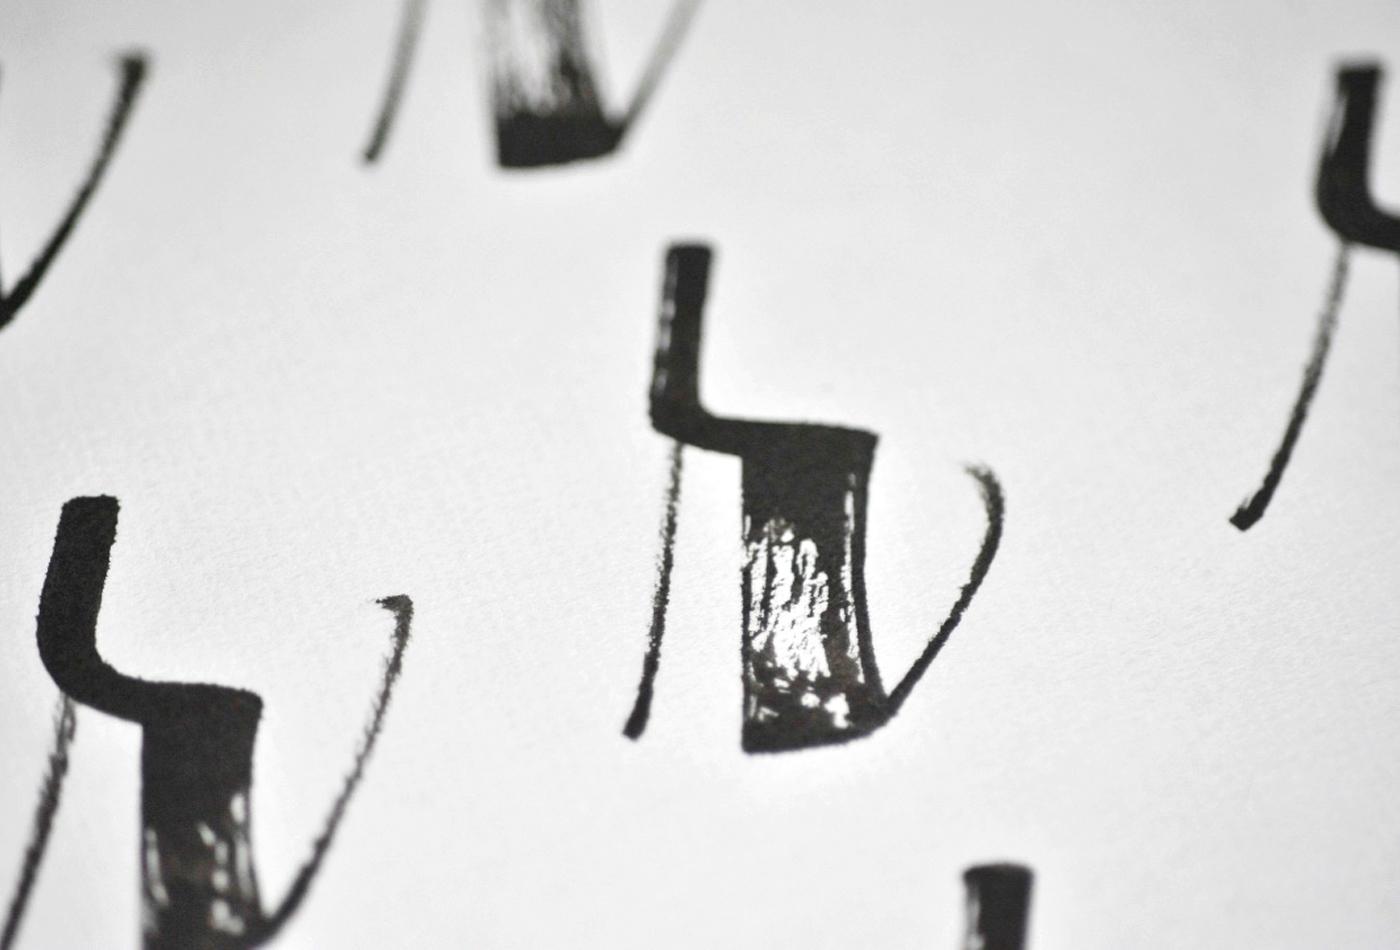 Calligraphy   lettering brush lettering brush ink Pentel marilyn mason vinyl music